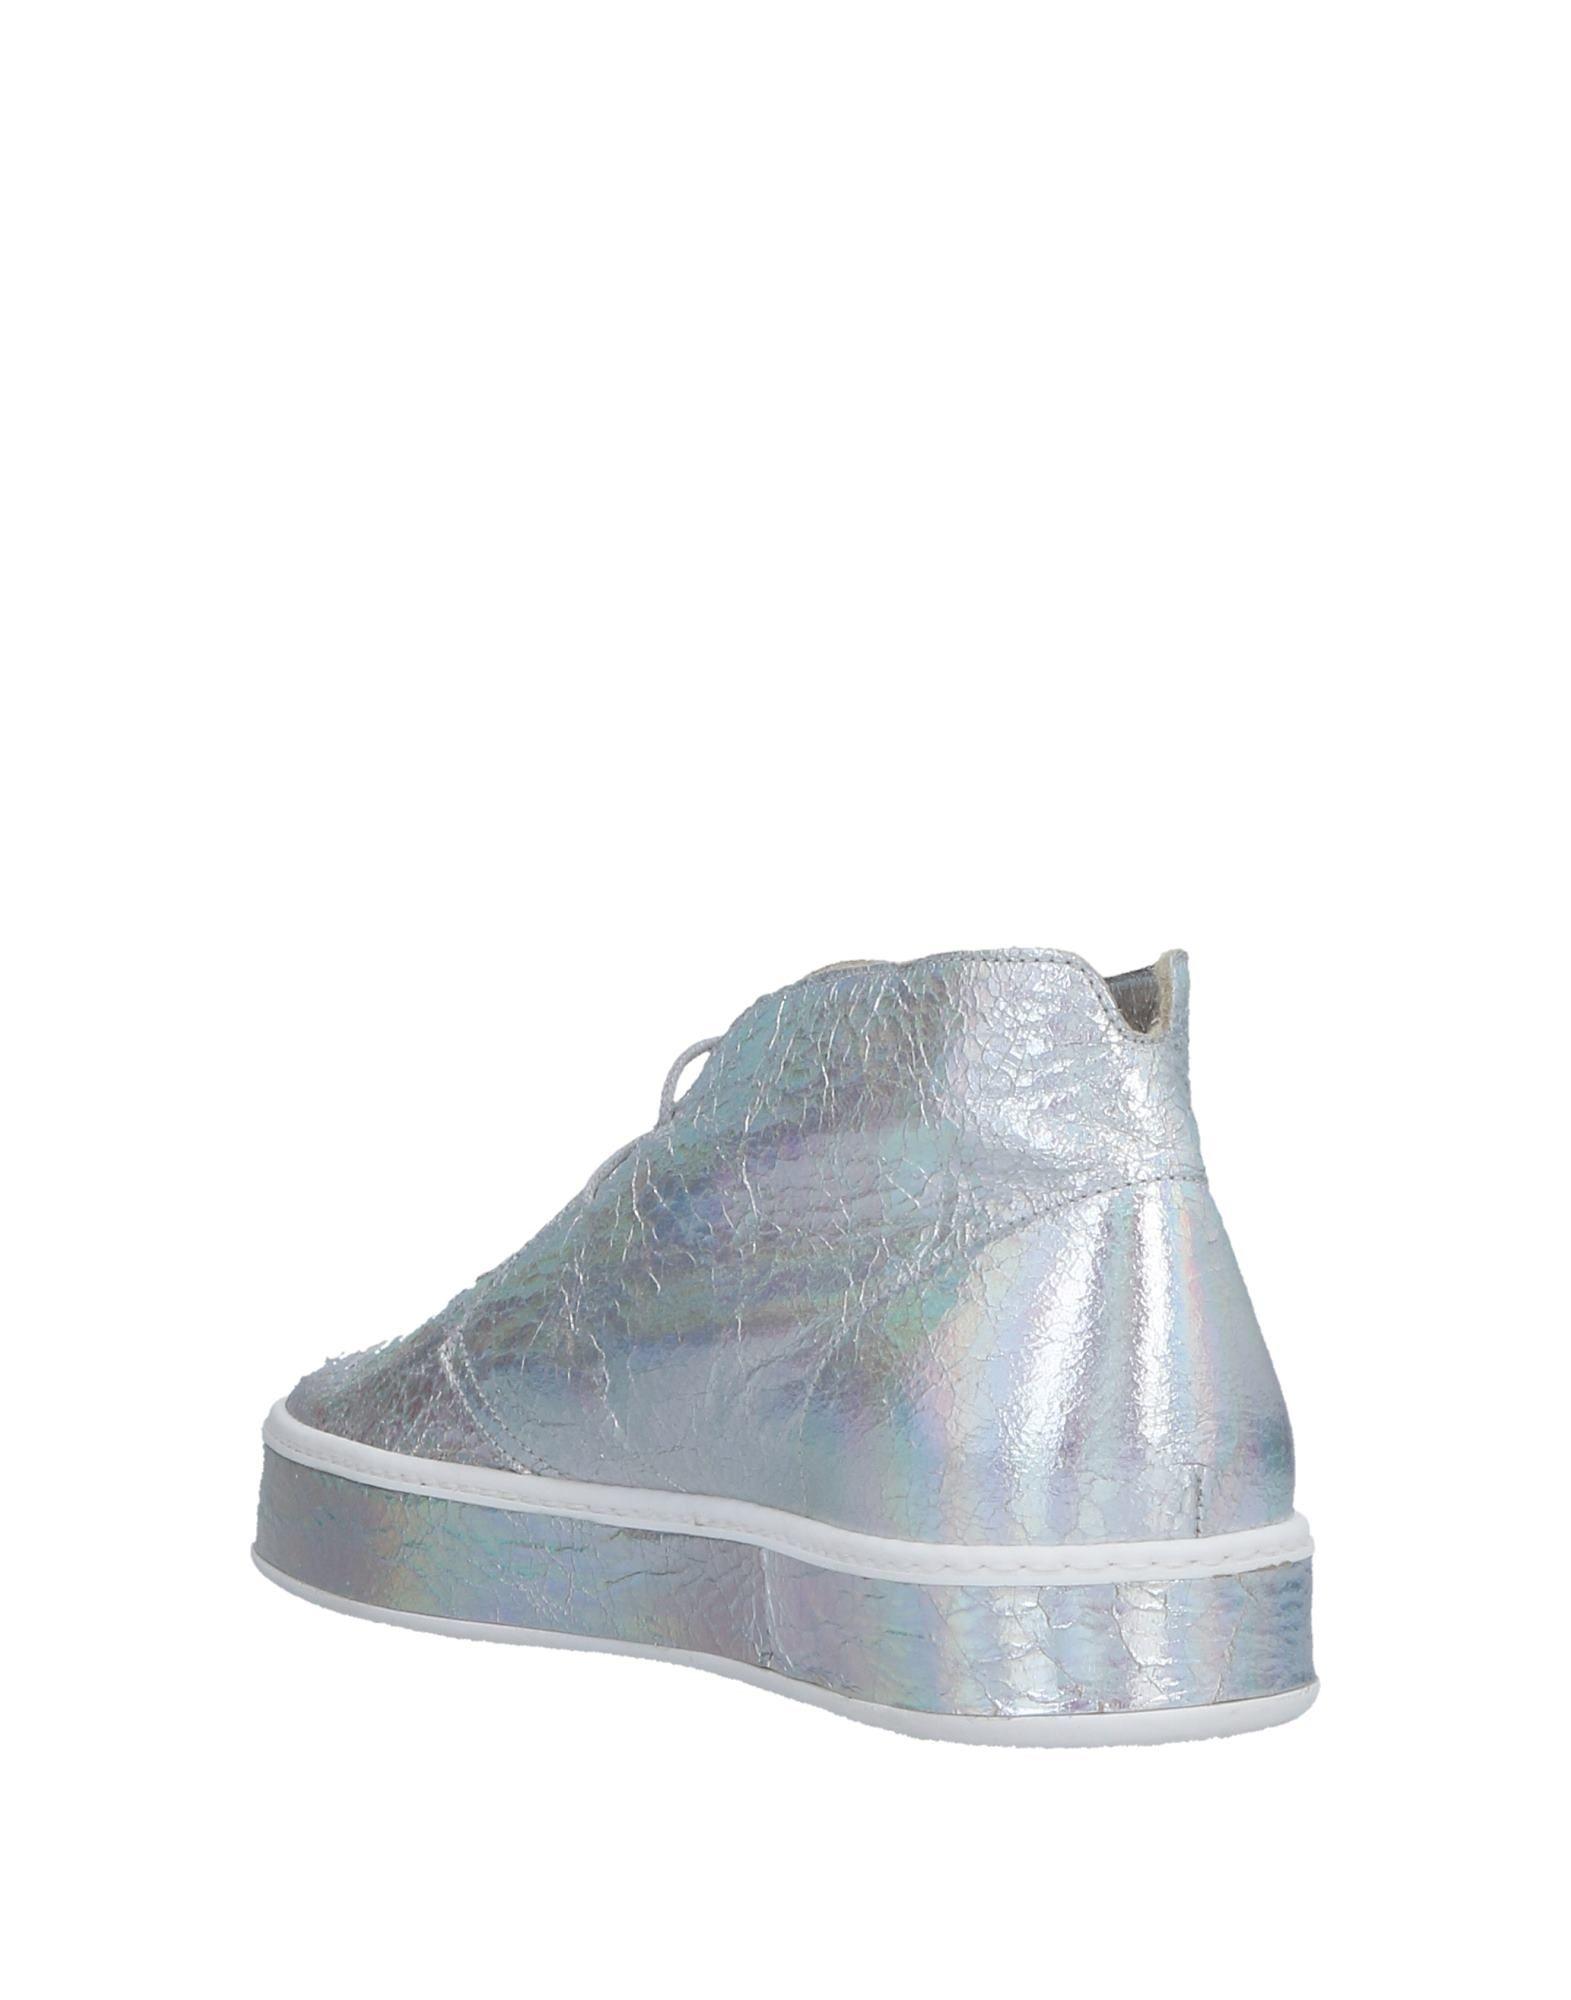 Sax Stiefelette Damen  11525034UG Gute Qualität beliebte Schuhe